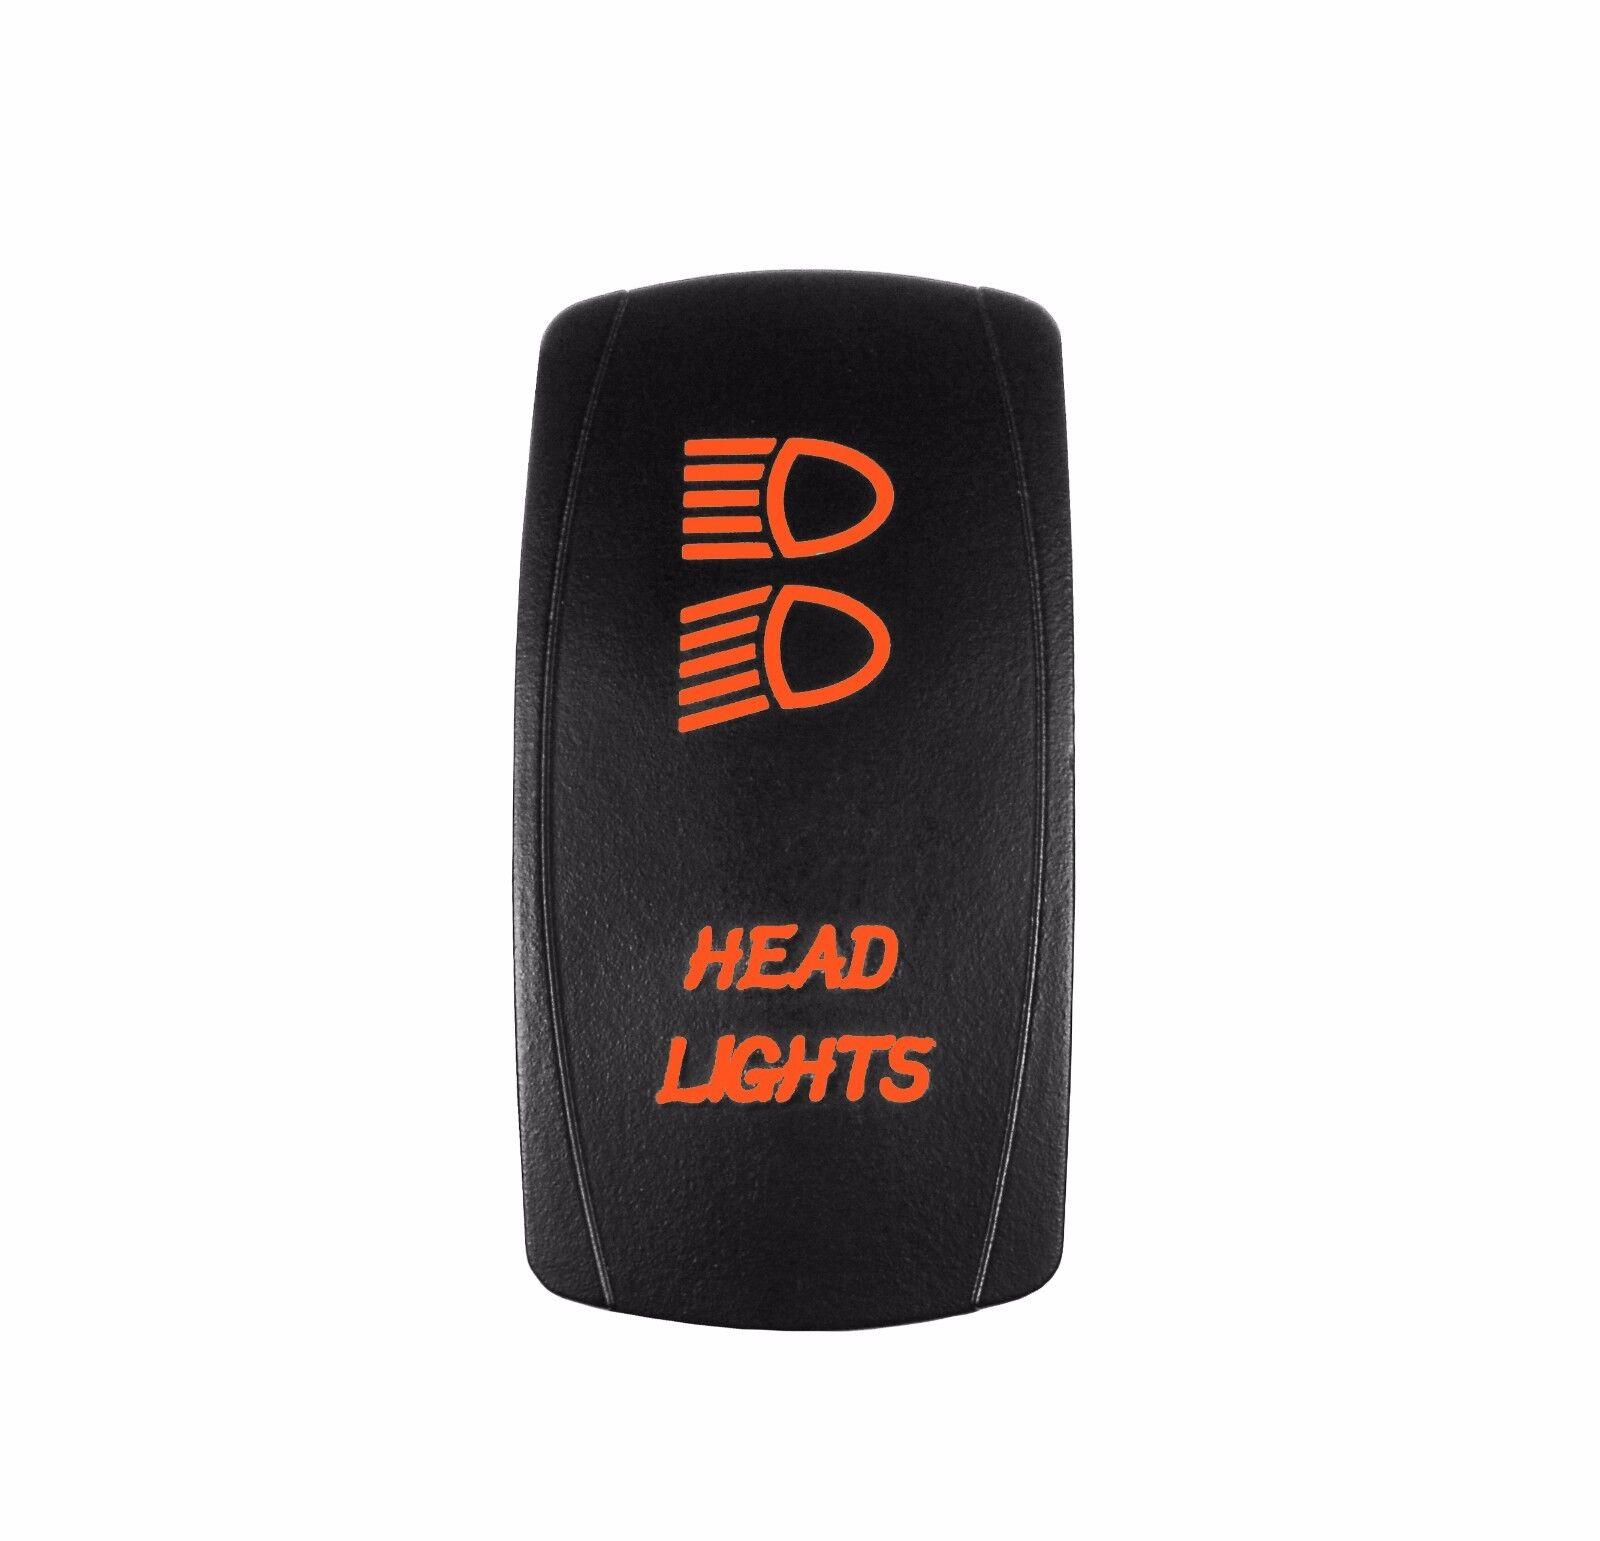 Custom Rocker Switch OFF-ON-ON ORANGE HEAD LIGHTS